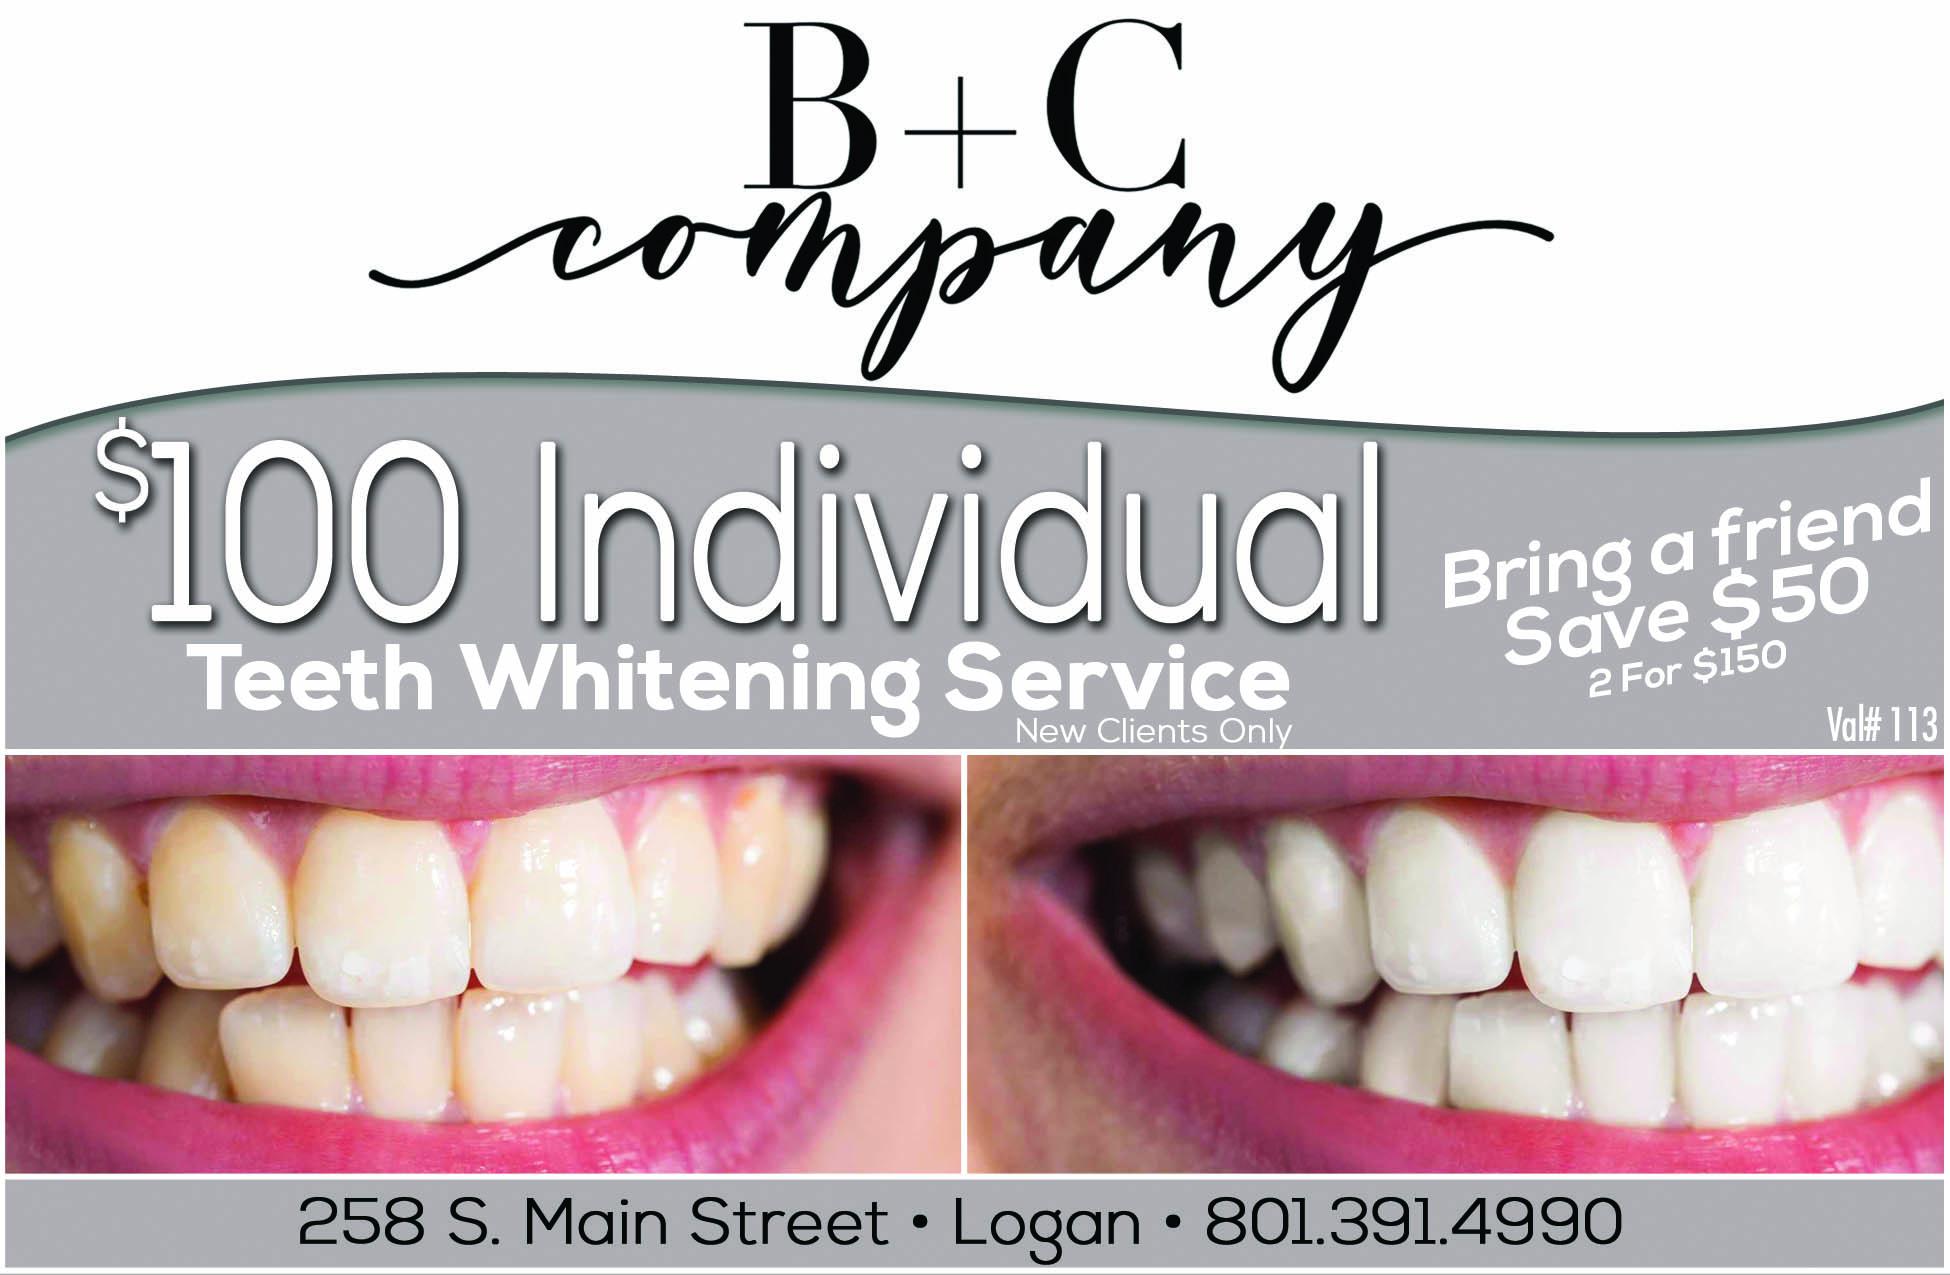 B & C Brows Logan Utah